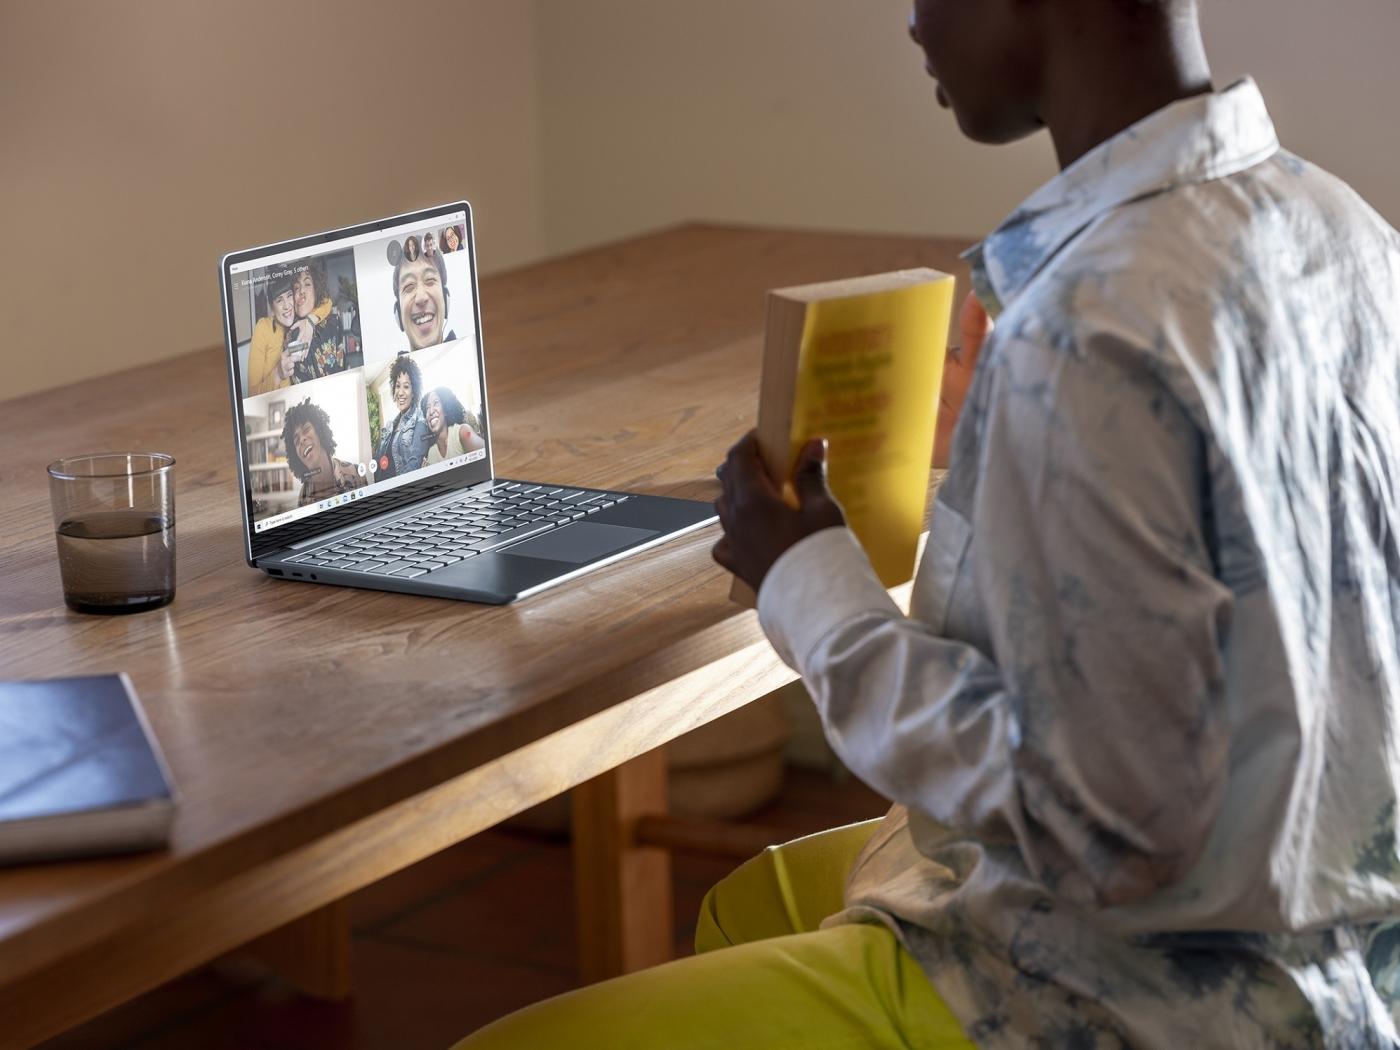 全新 Surface Laptop Go 在台開賣!時尚輕盈、行動力再提升